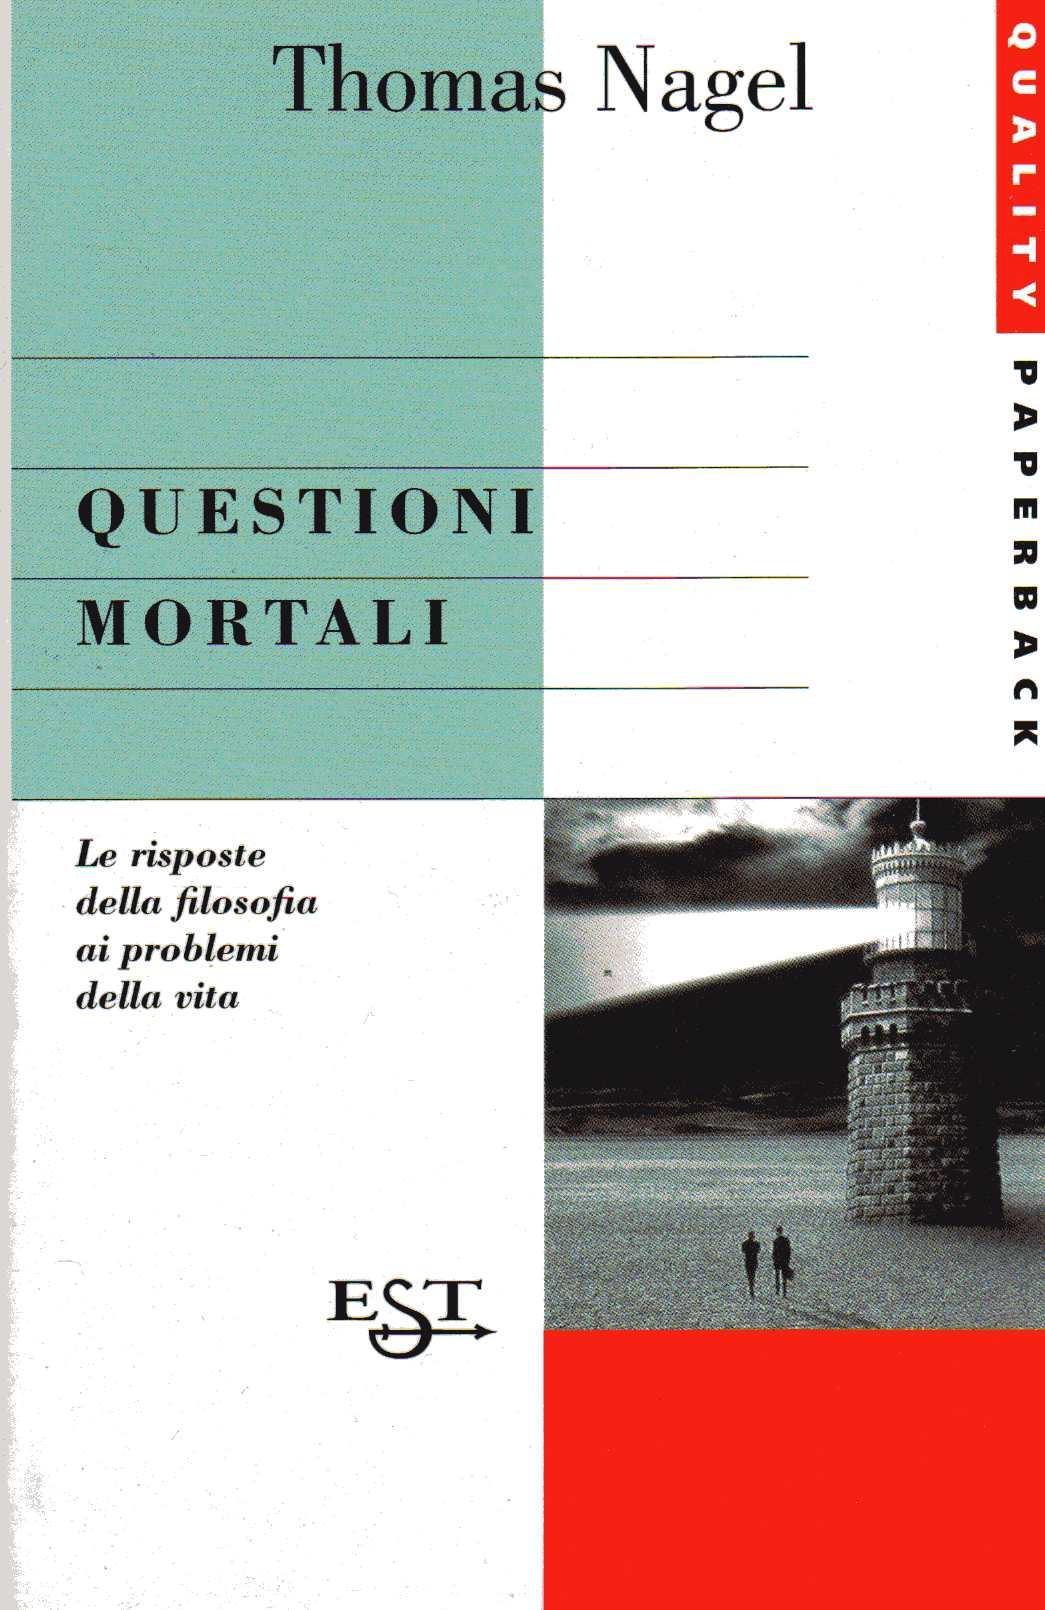 Questioni mortali